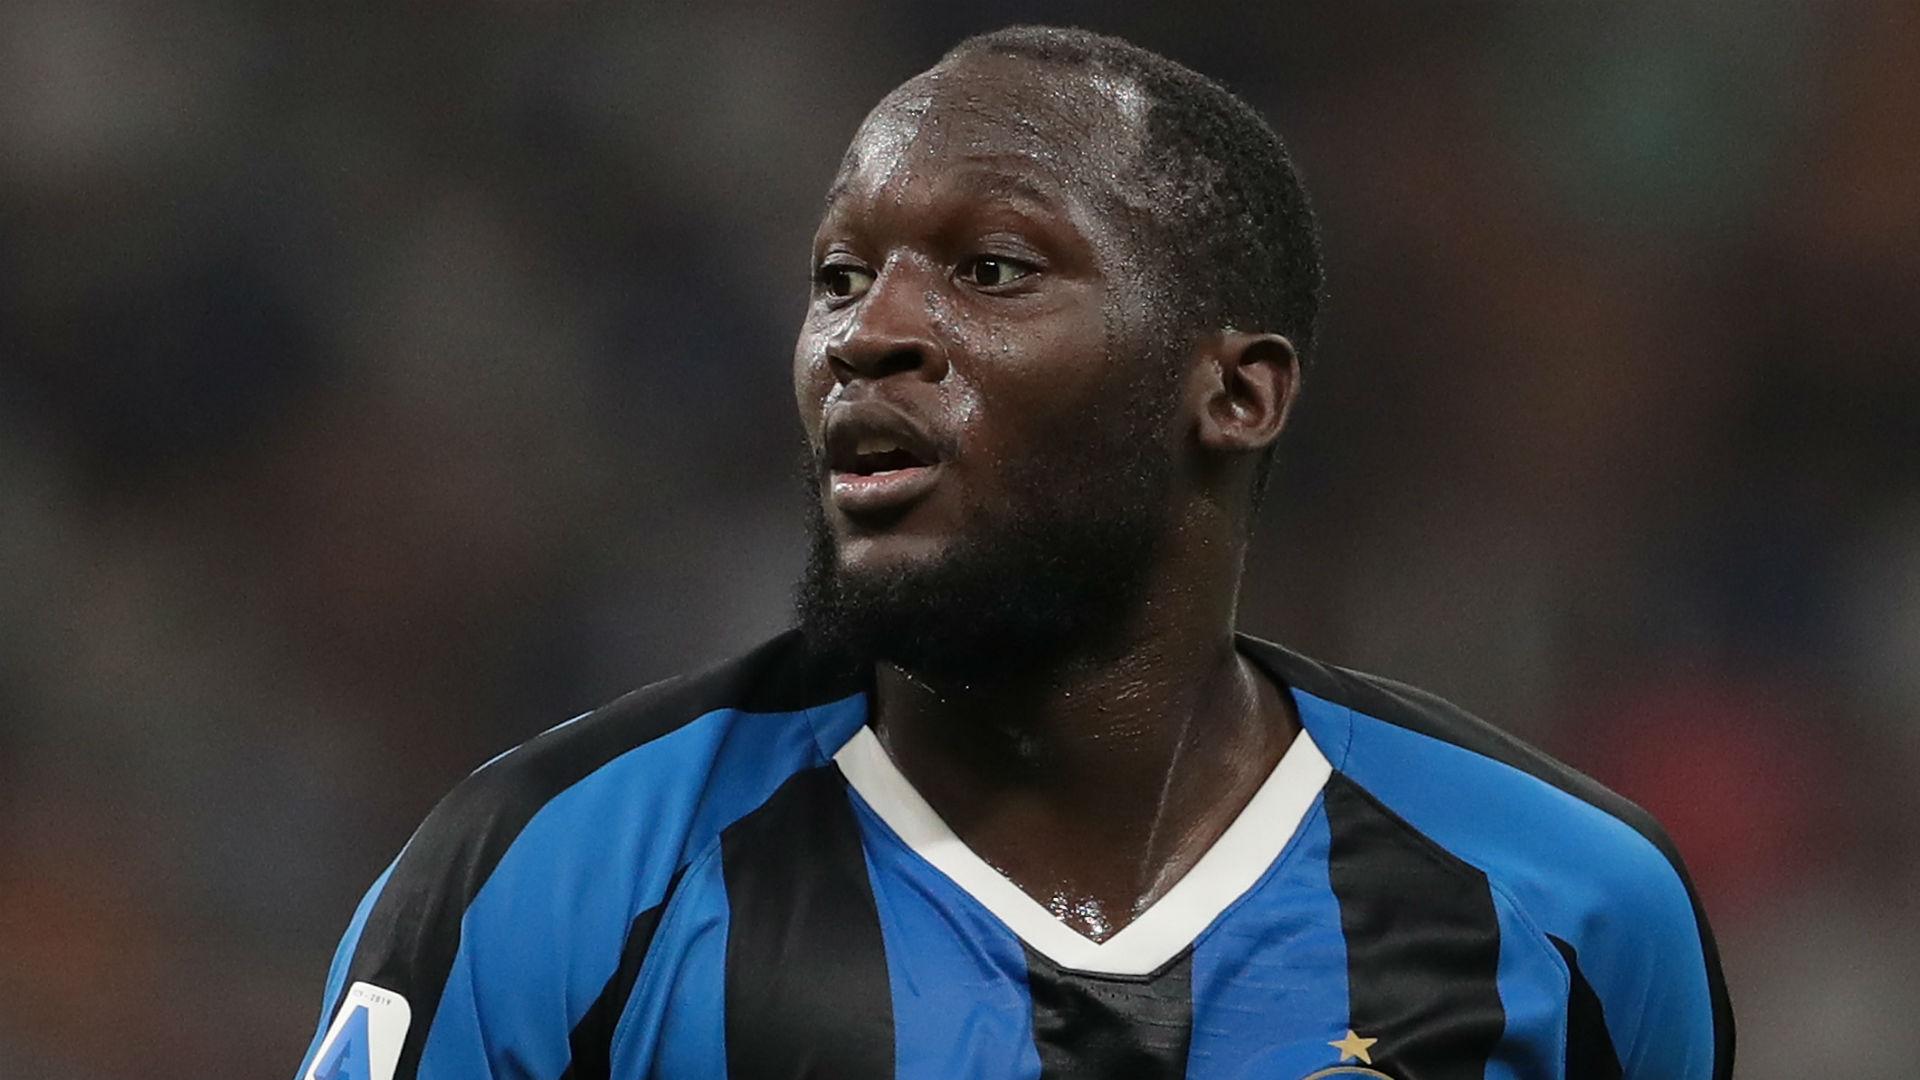 Romelu Lukaku: Italian pundit sacked for racist comments on Belgium